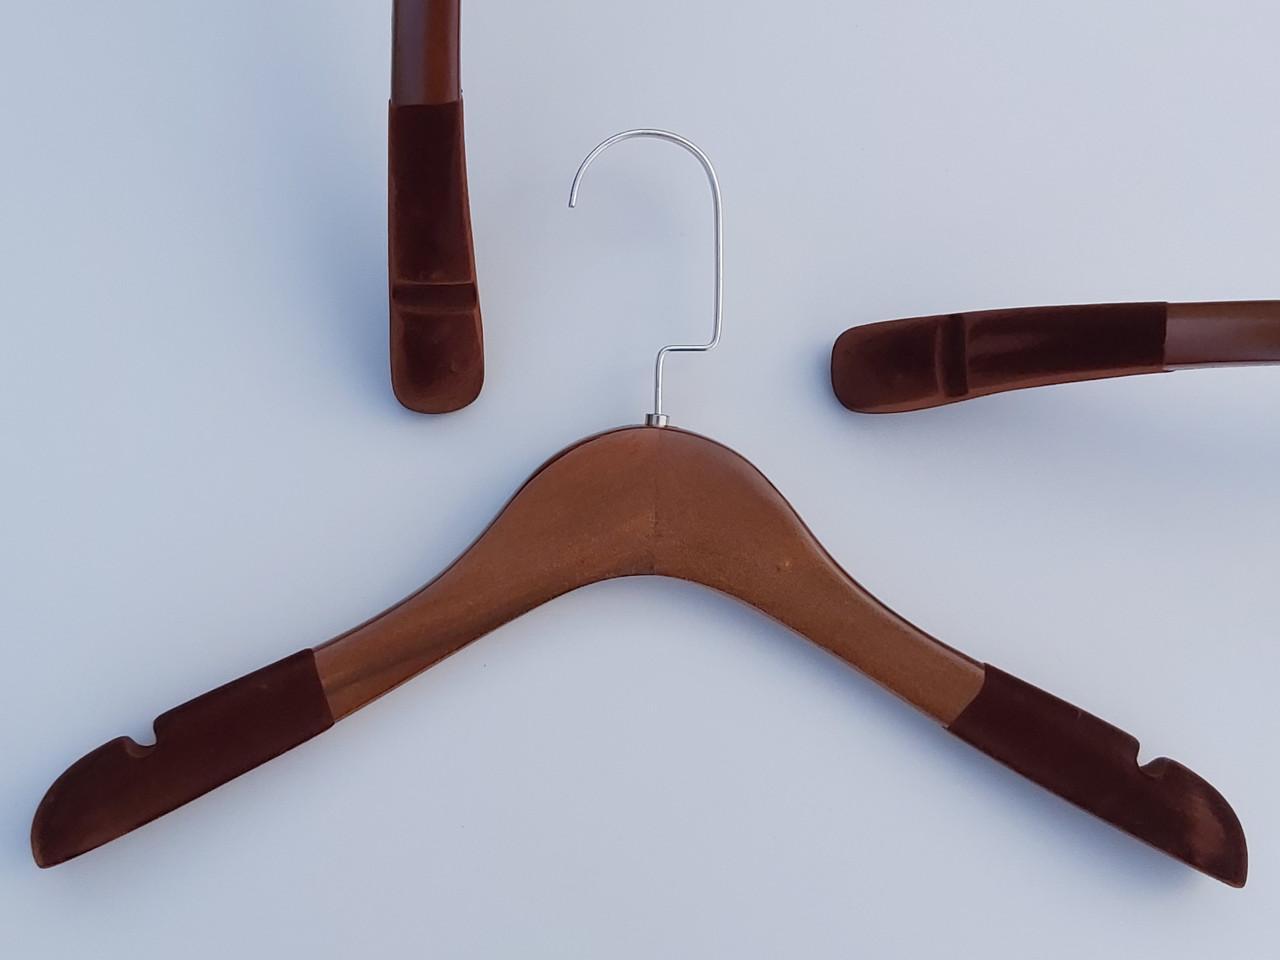 Длина 38 см. Плечики тремпеля деревянные коричневого цвета с антискользящим флокированным покрытием на плечах